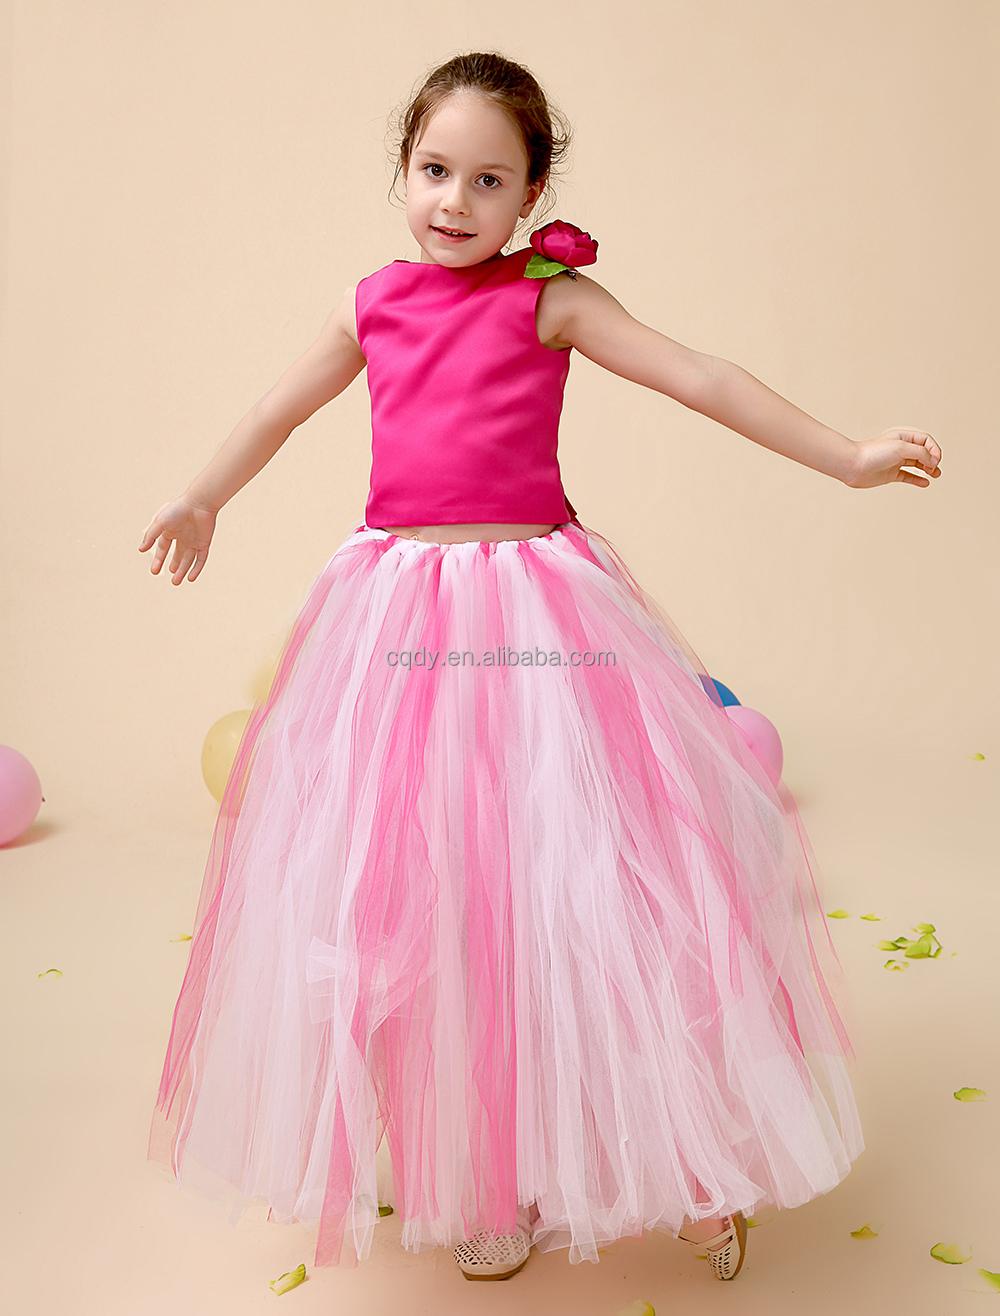 Boda De Tul Diseño Vestido Para Niña Niño Vestido Fancy Melocotón ...